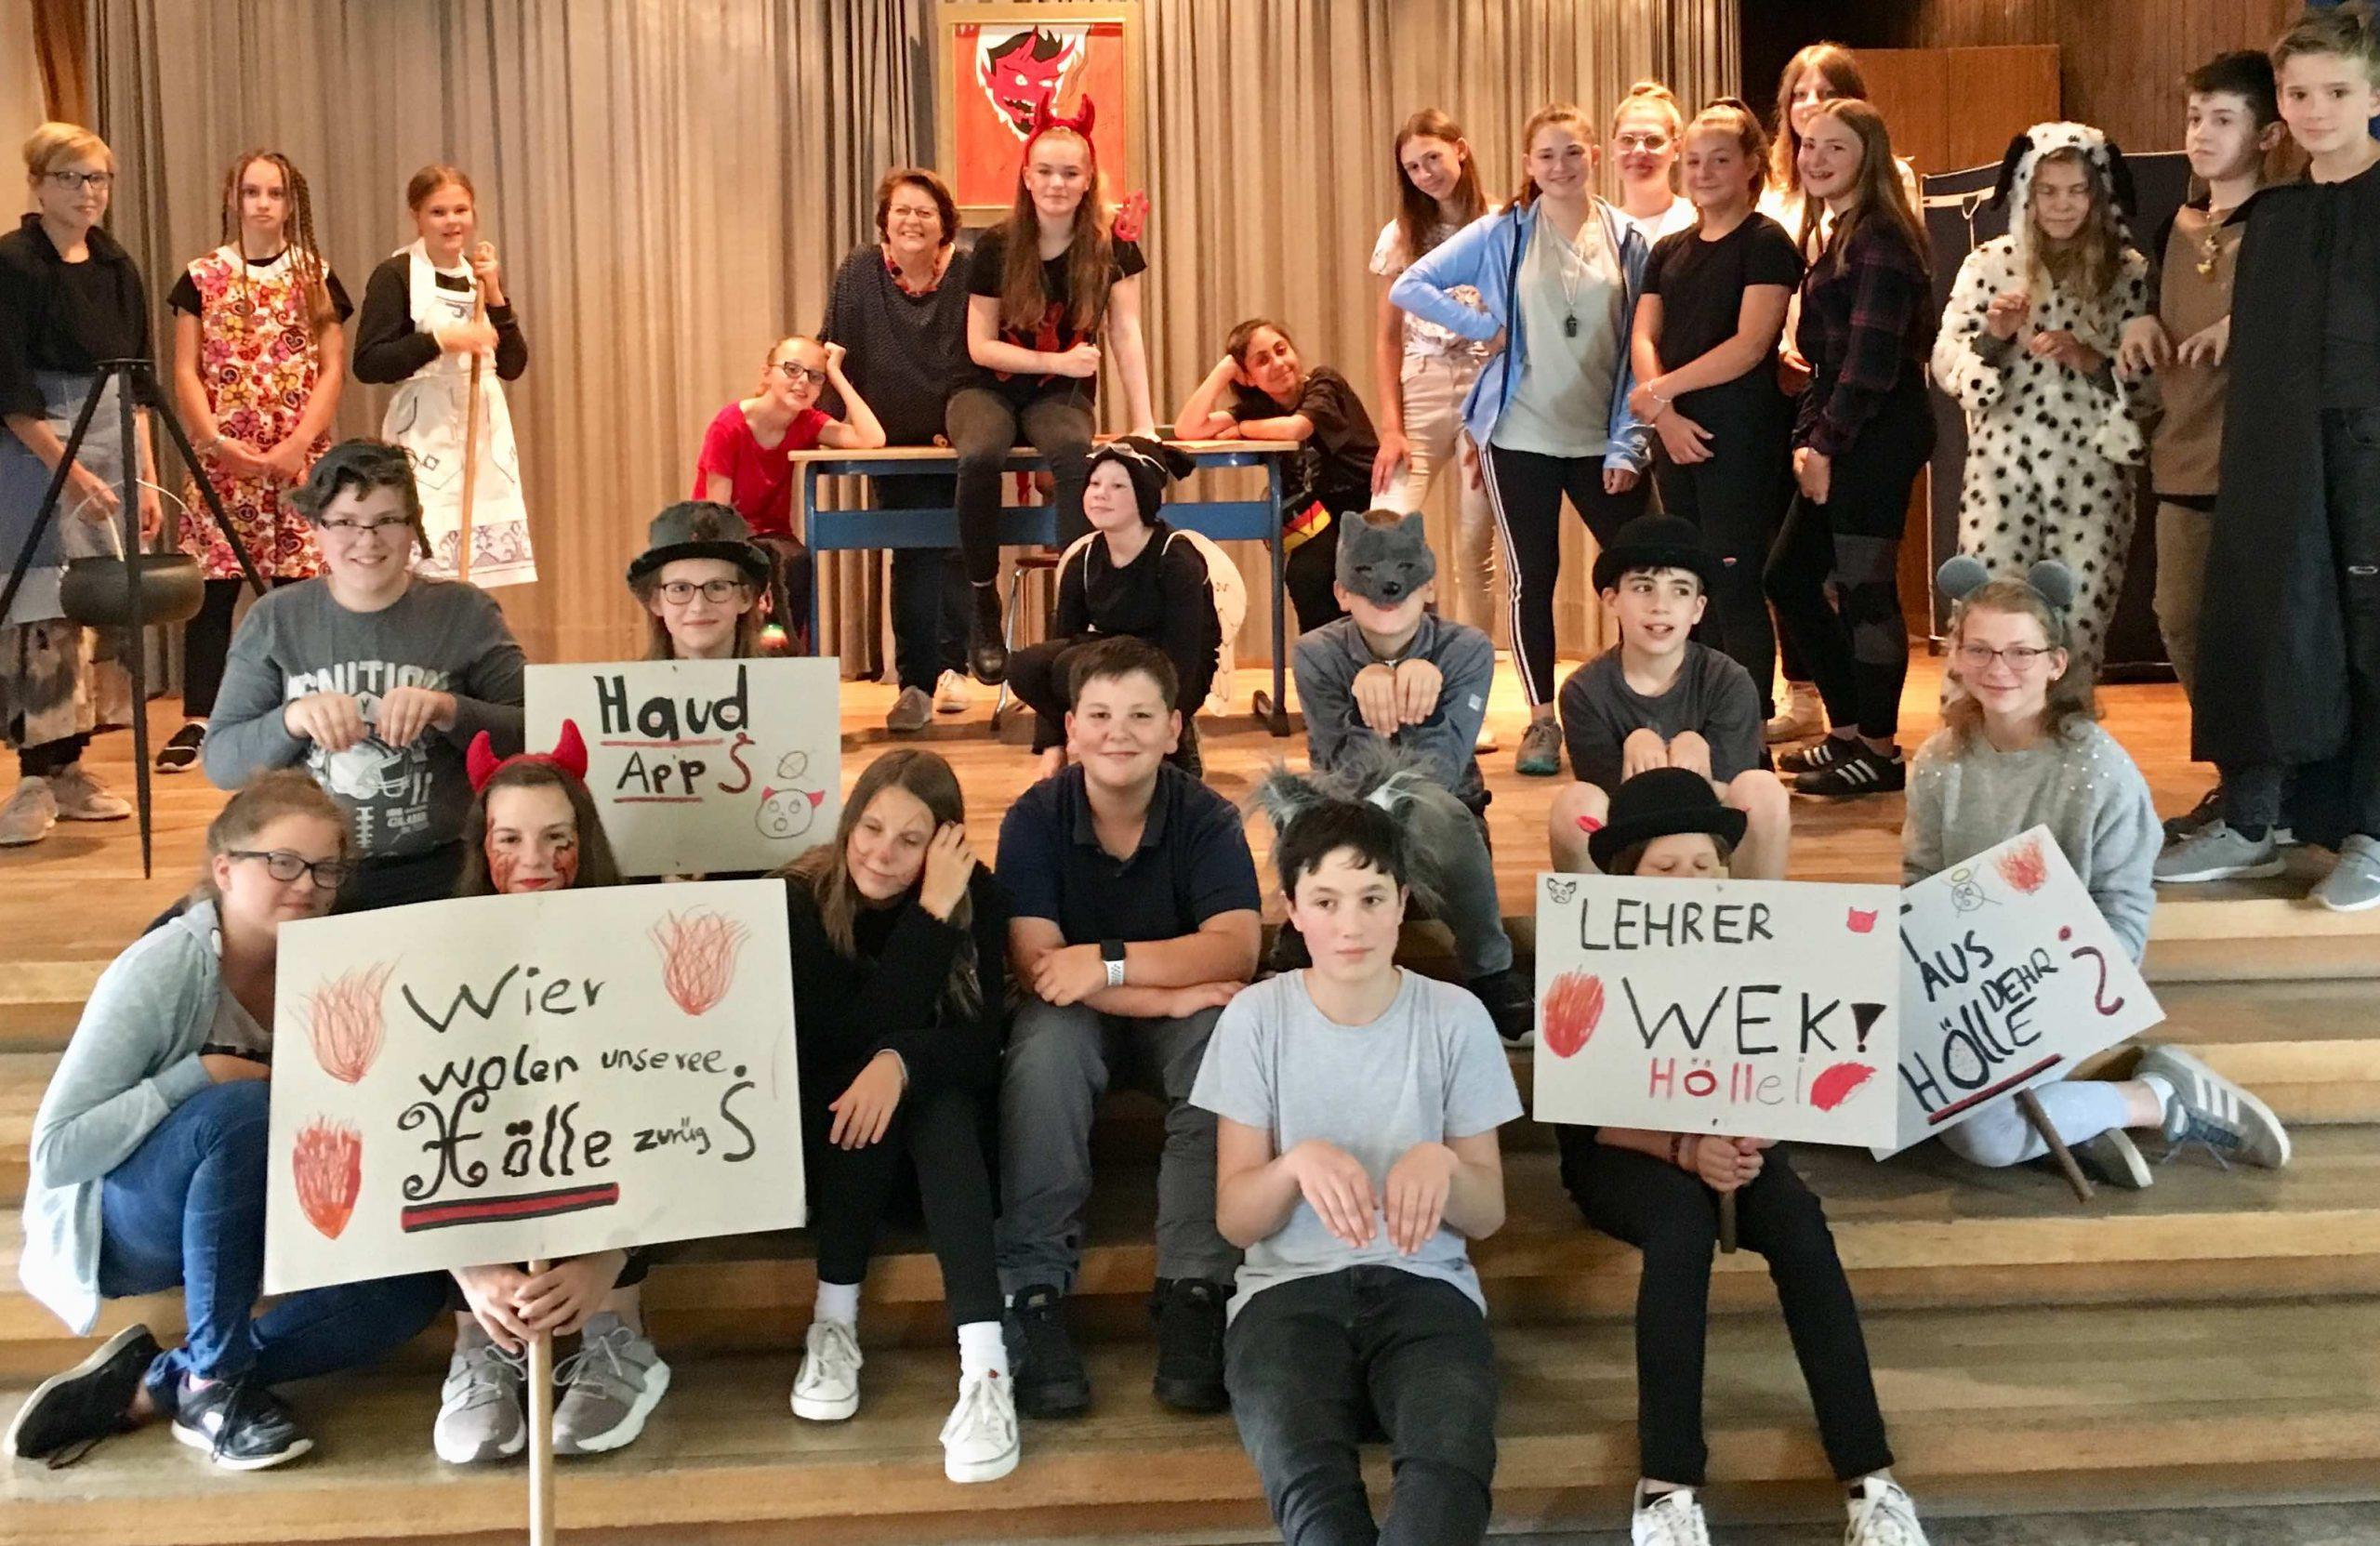 Sekundarschüler präsentieren zum Schuljahresabschluss ein Theaterstück